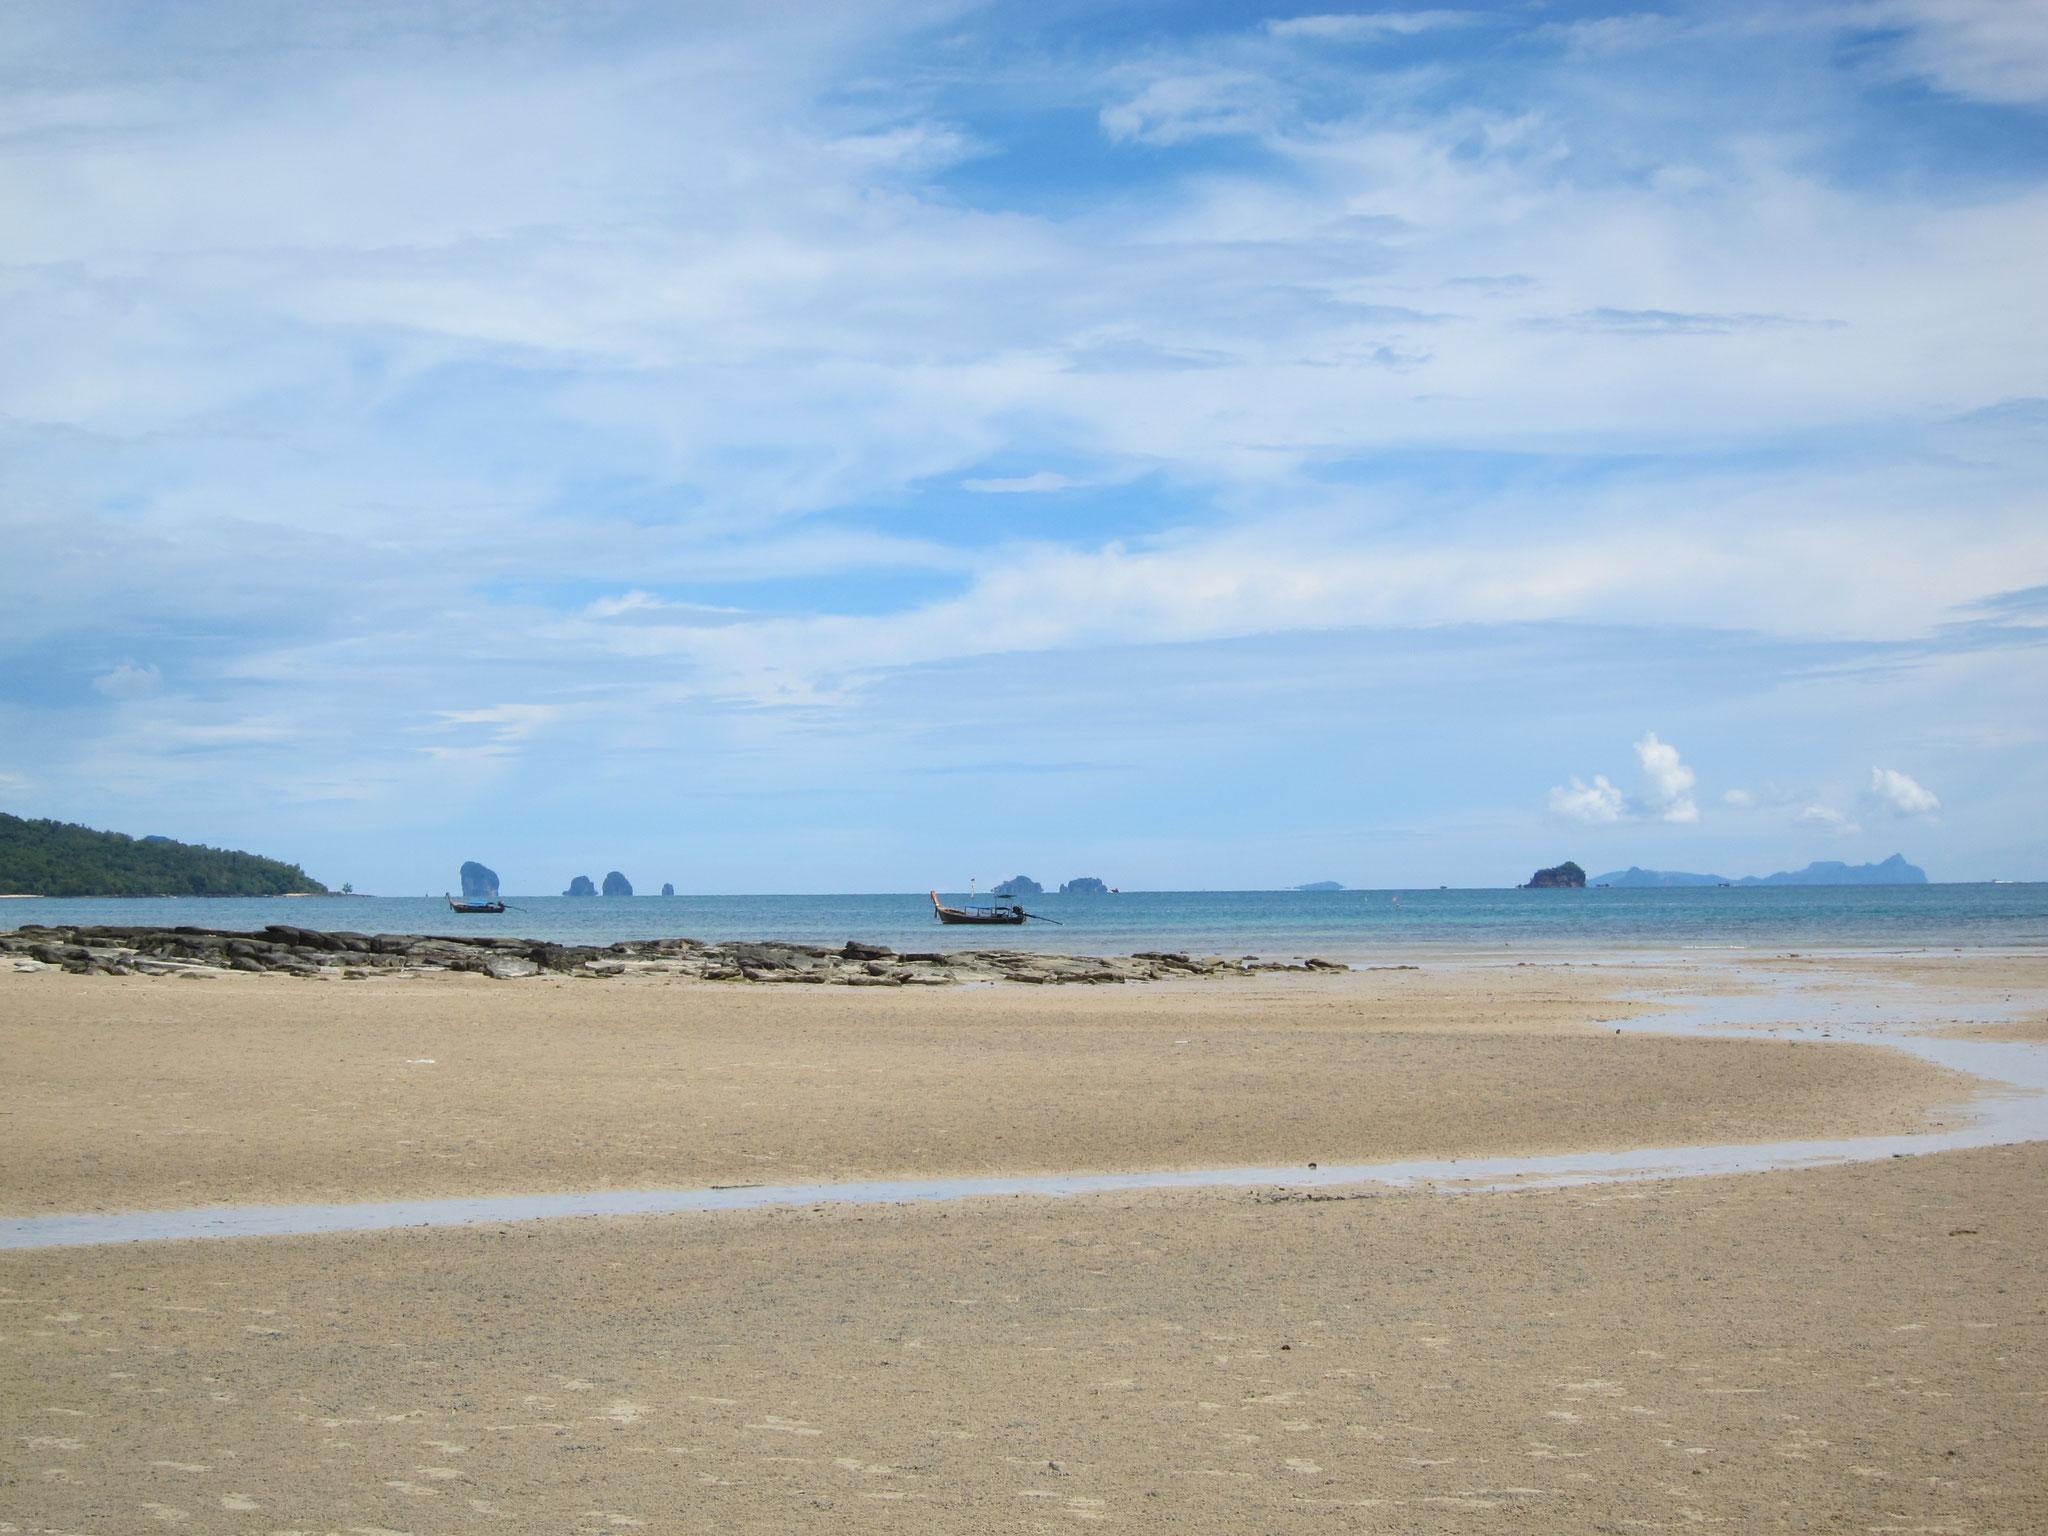 Ebbe ein paar 100m entfernt vom Dusit Thani Krabi Beach Resort